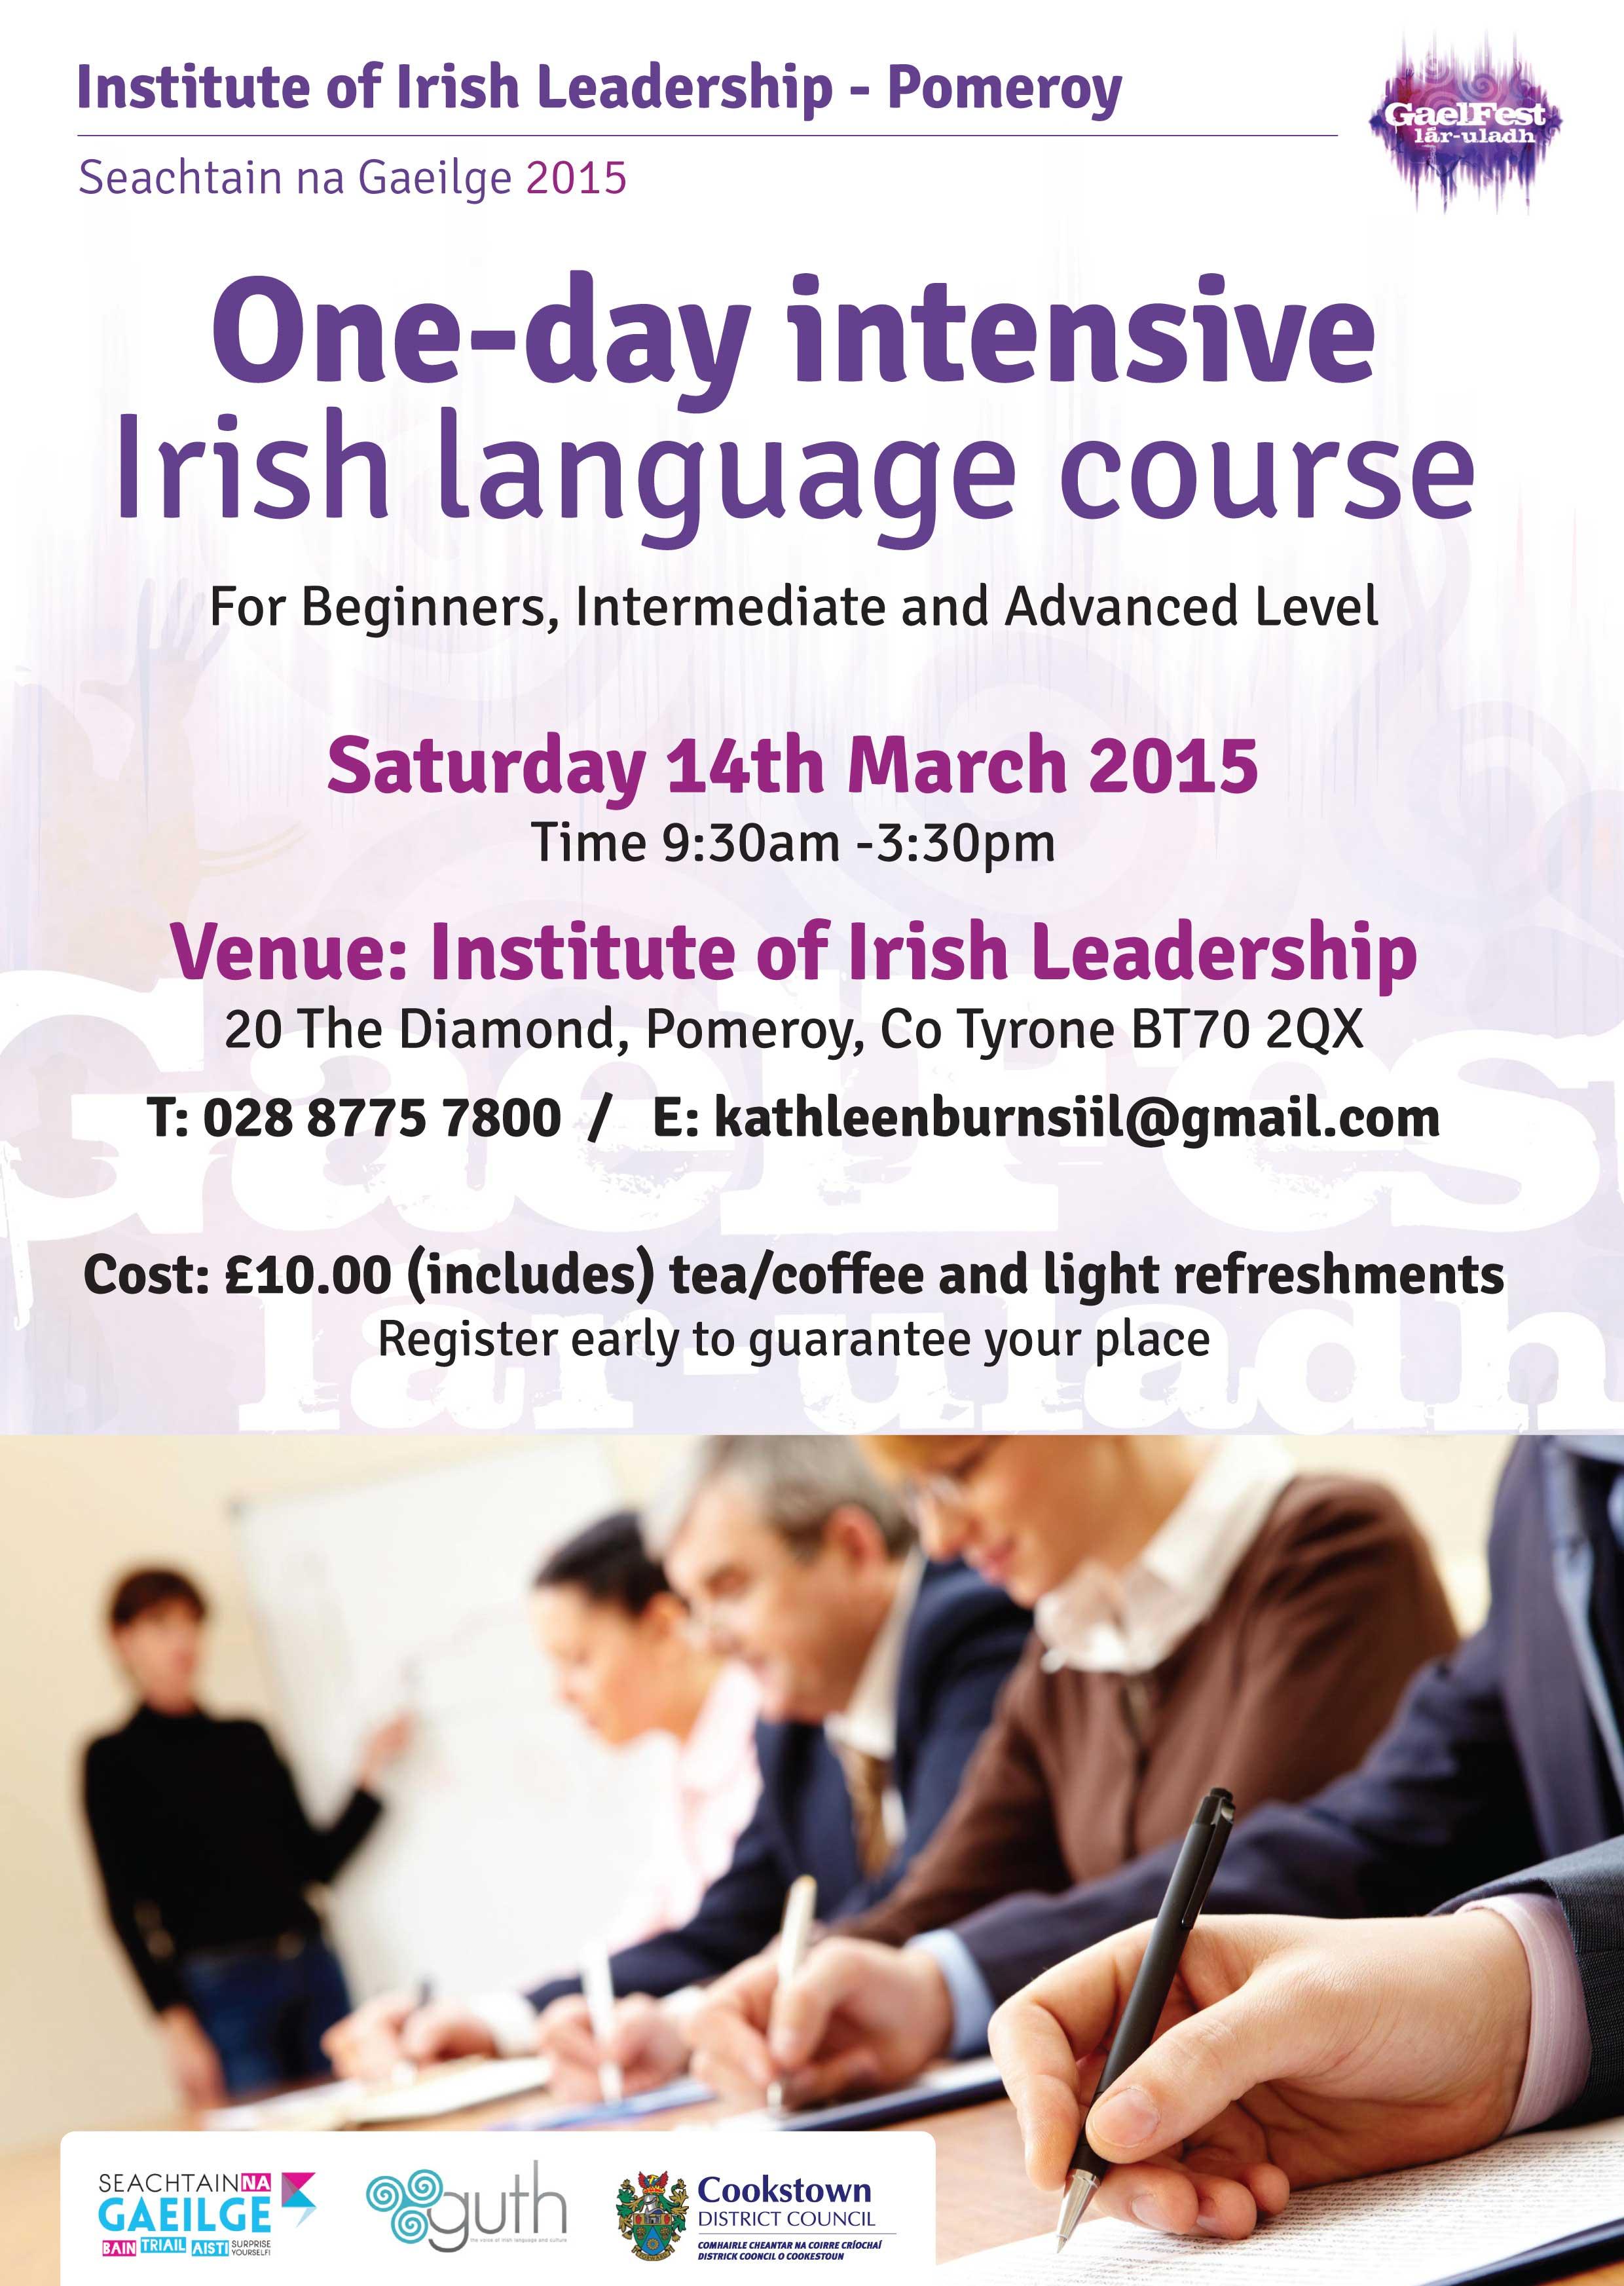 Irish Language Course this Saturday